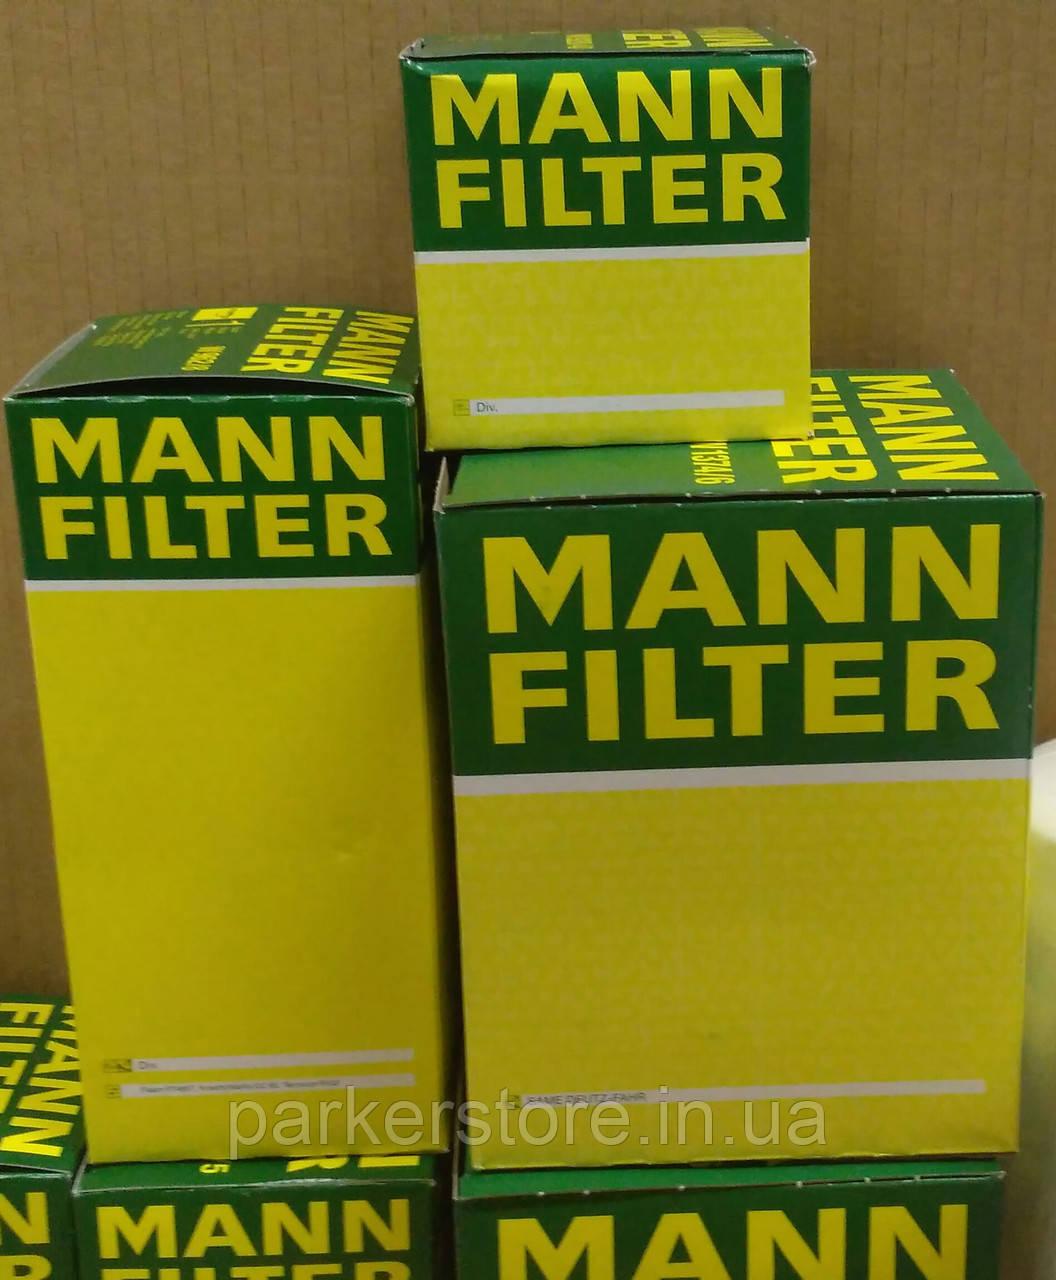 MANN FILTER / Повітряний фільтр / C 14 179/2 / C14179/2